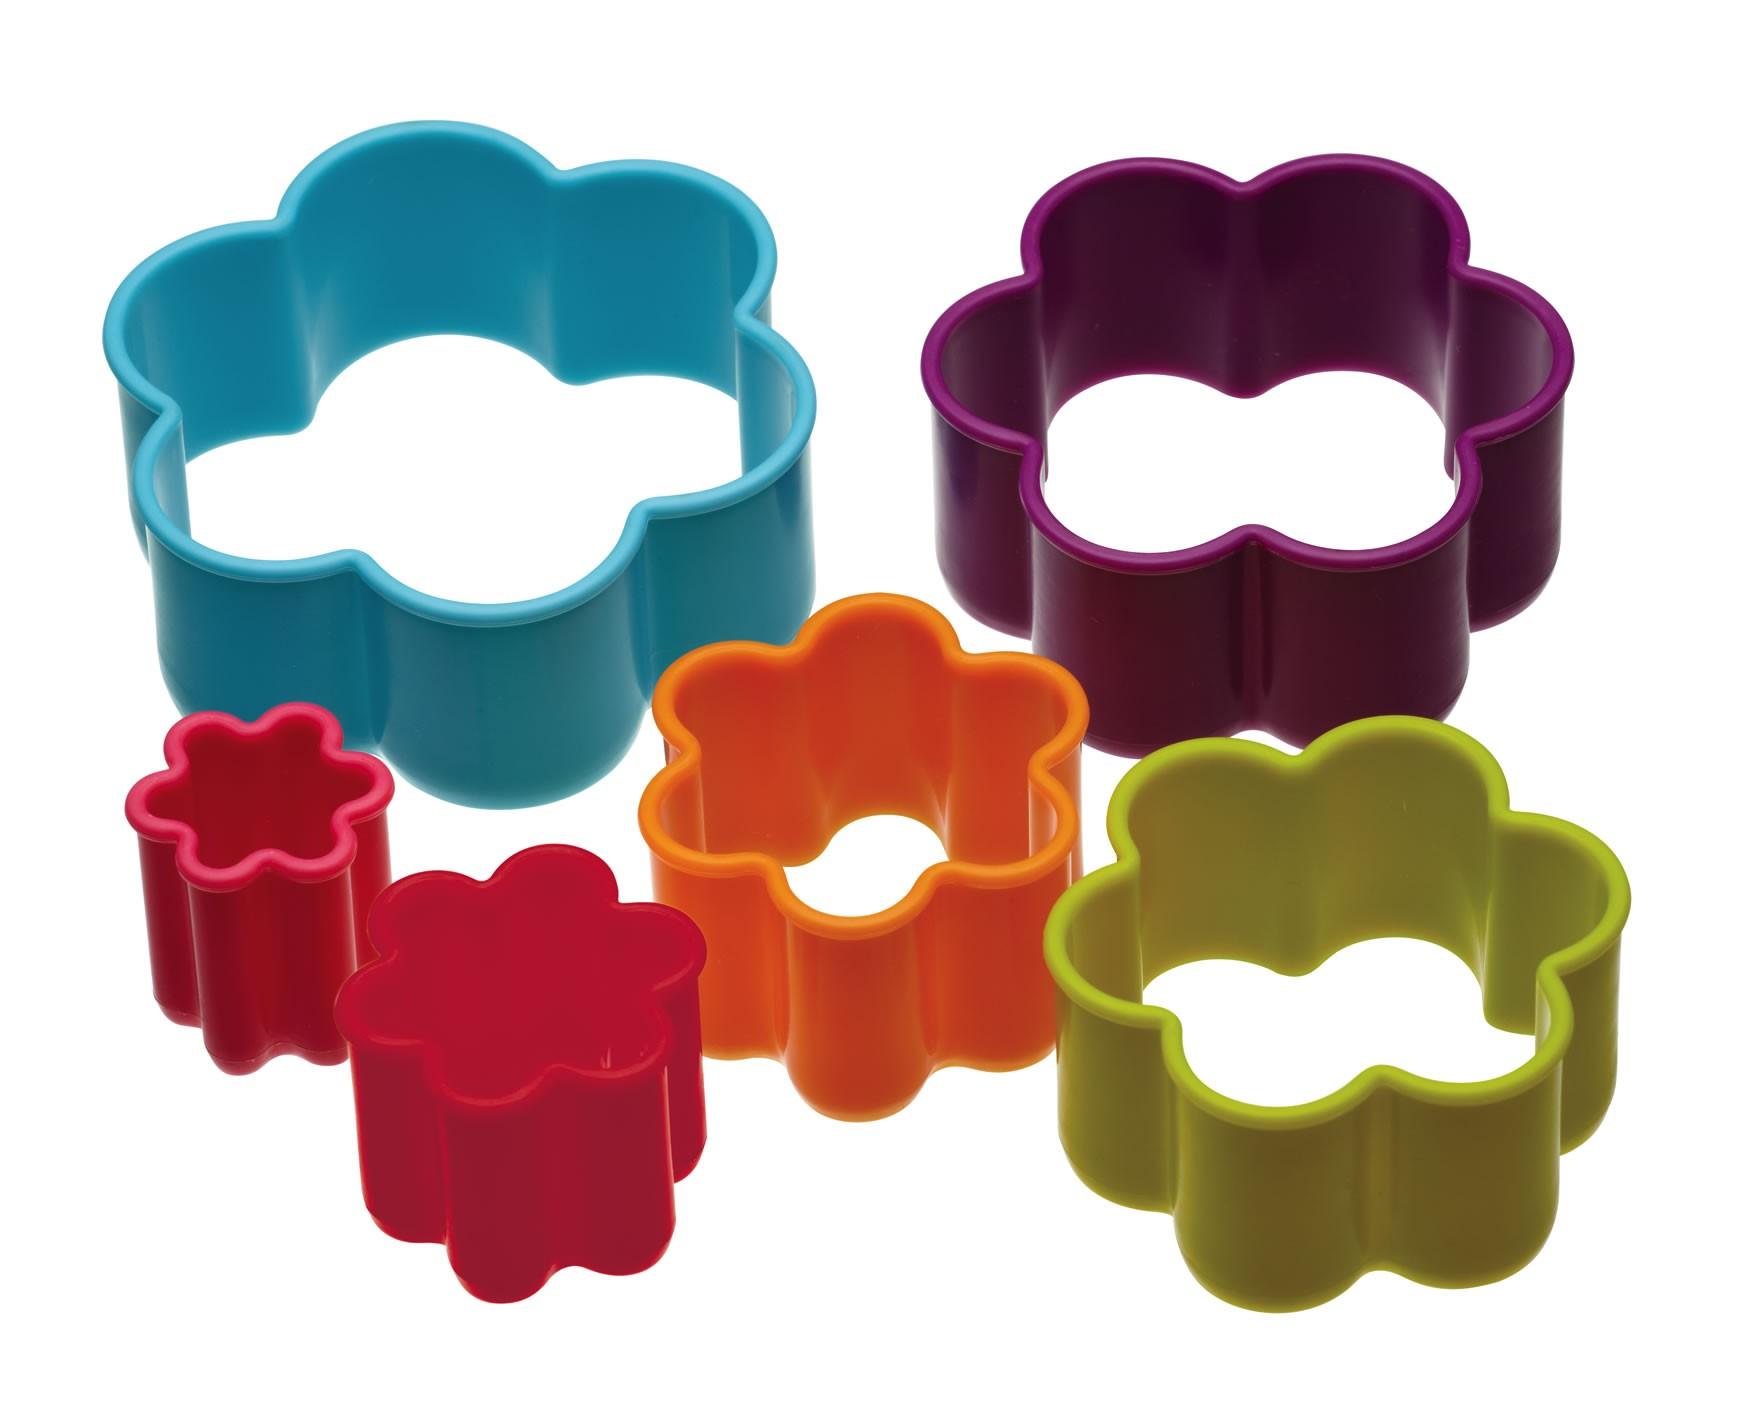 κουπ-πατ σετ 6 τεμάχια λουλούδια colourworks by kitchencraft home   ζαχαροπλαστικη   κουπ   πατ